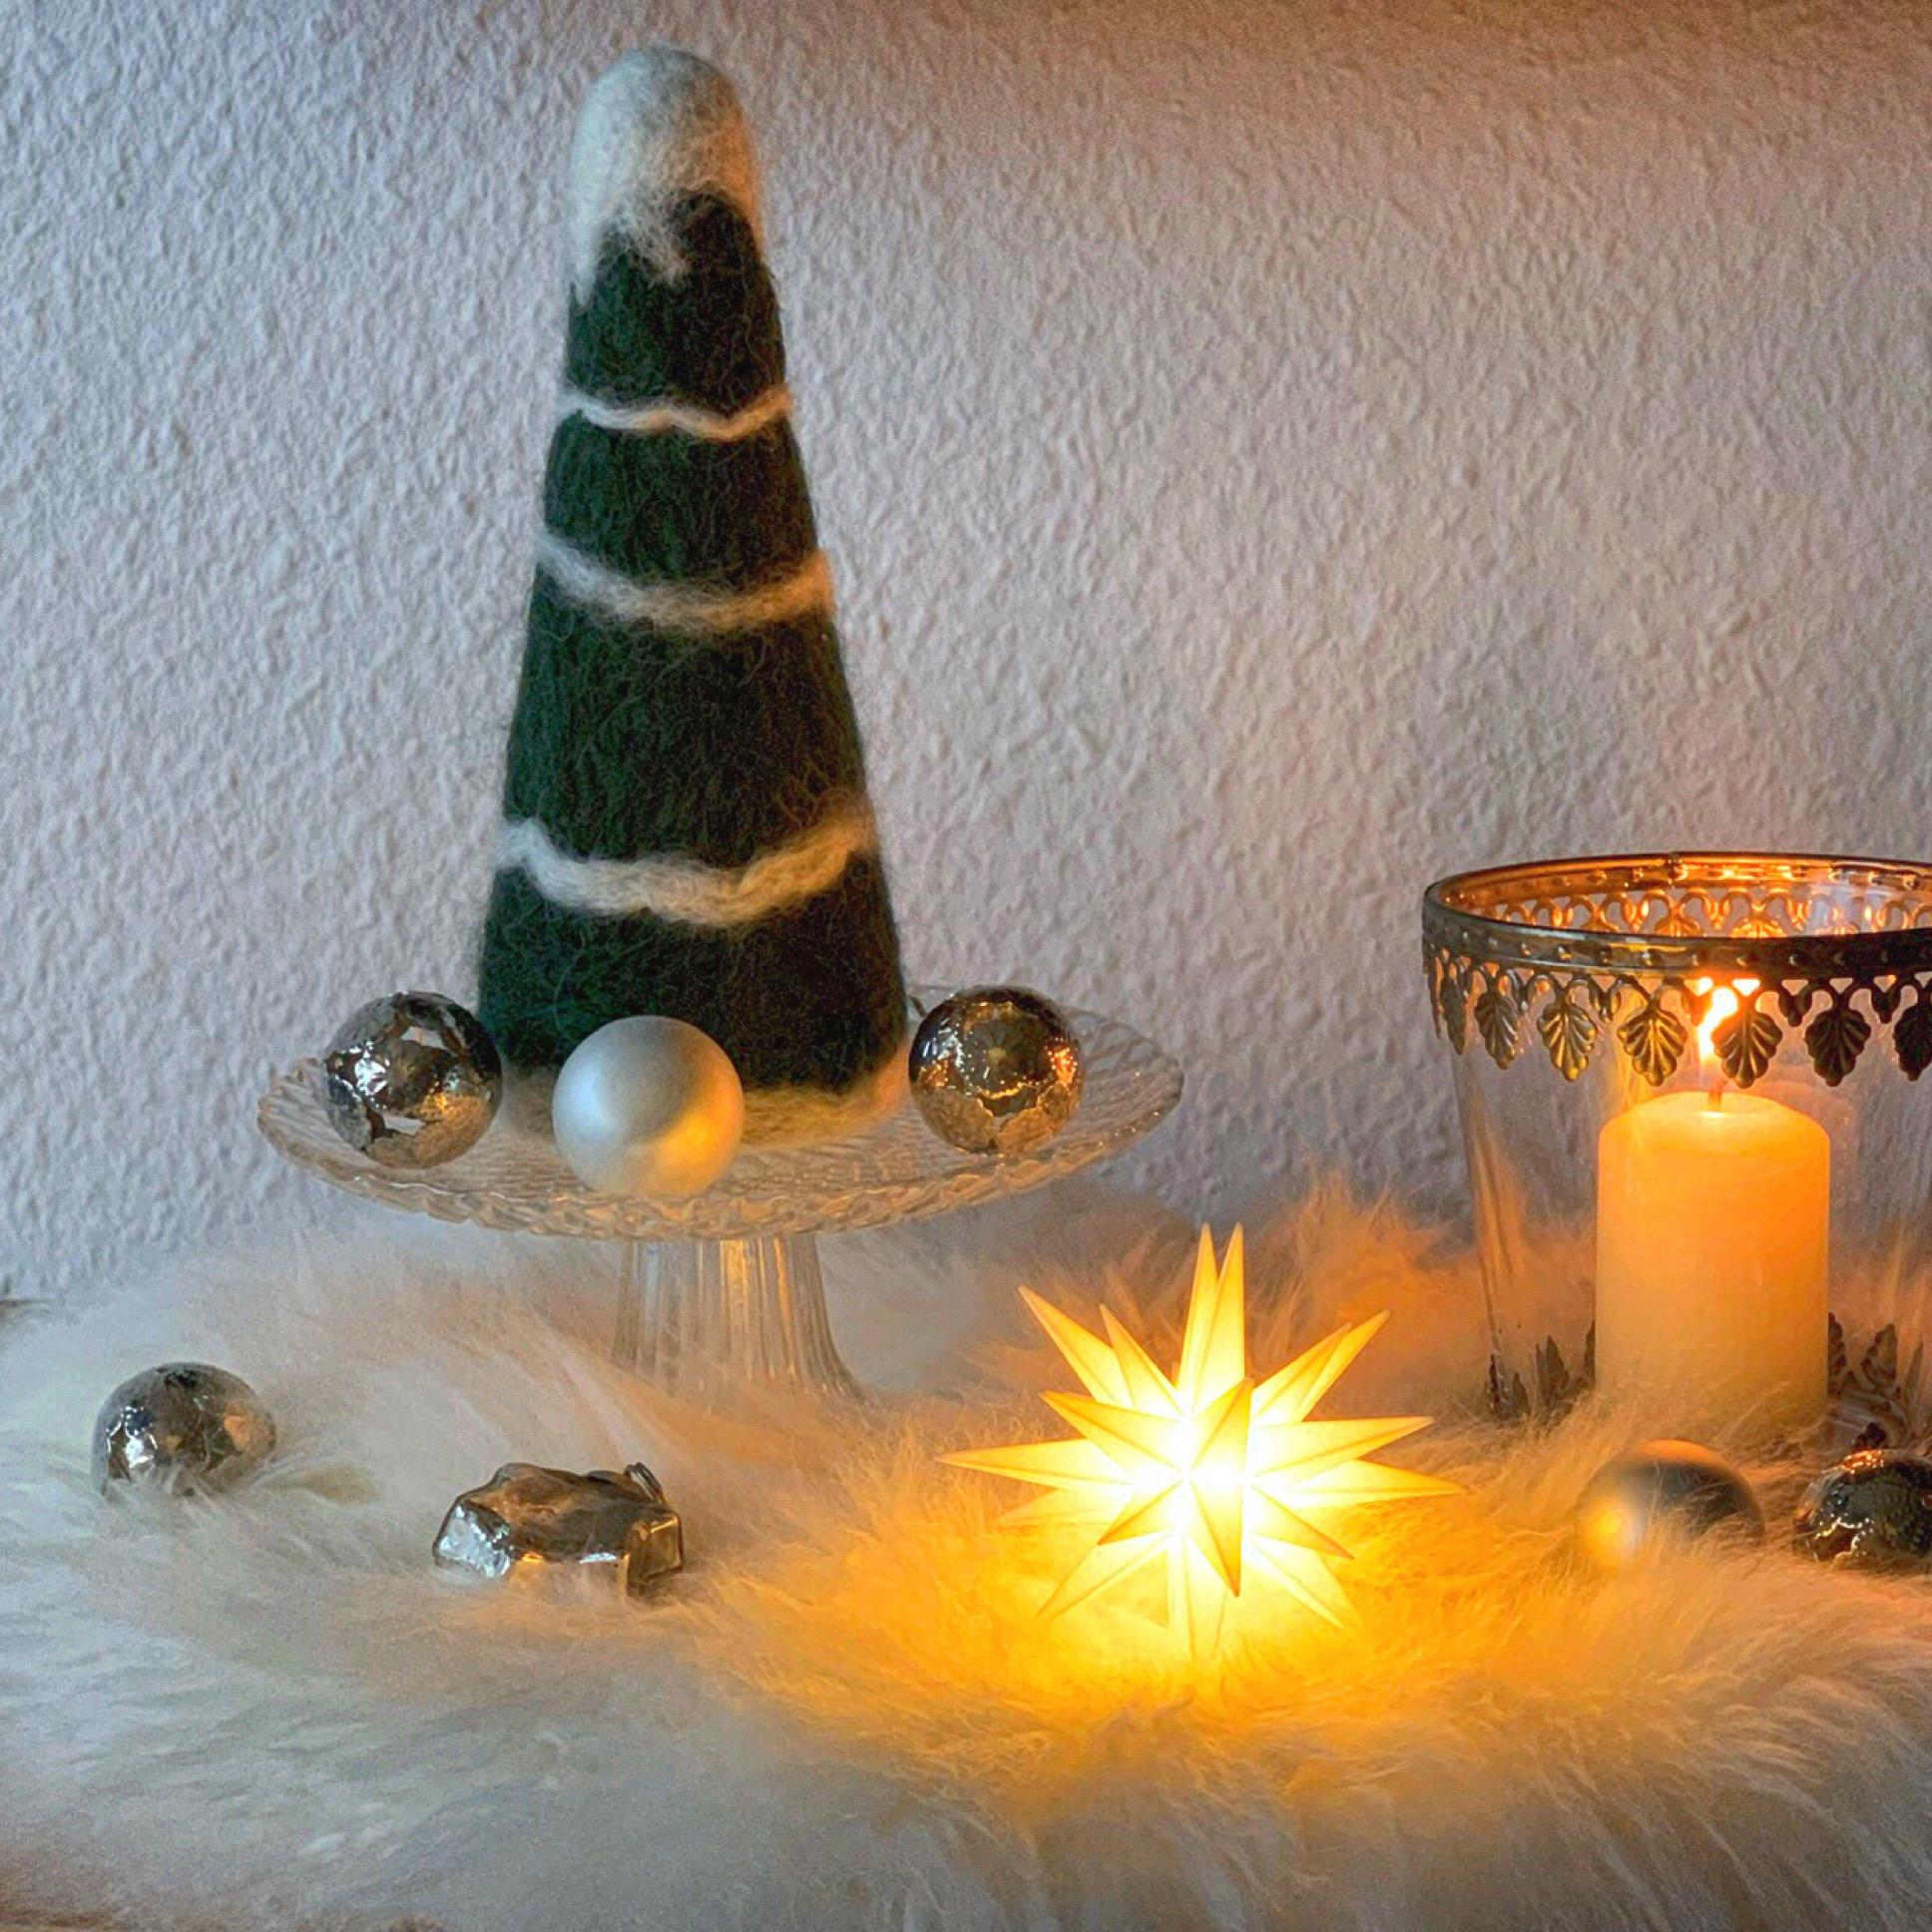 Decemberfeelings #3 : Eine wollig-weiche Tanne – oder – Nadelgefilztes Tannenbäumchen